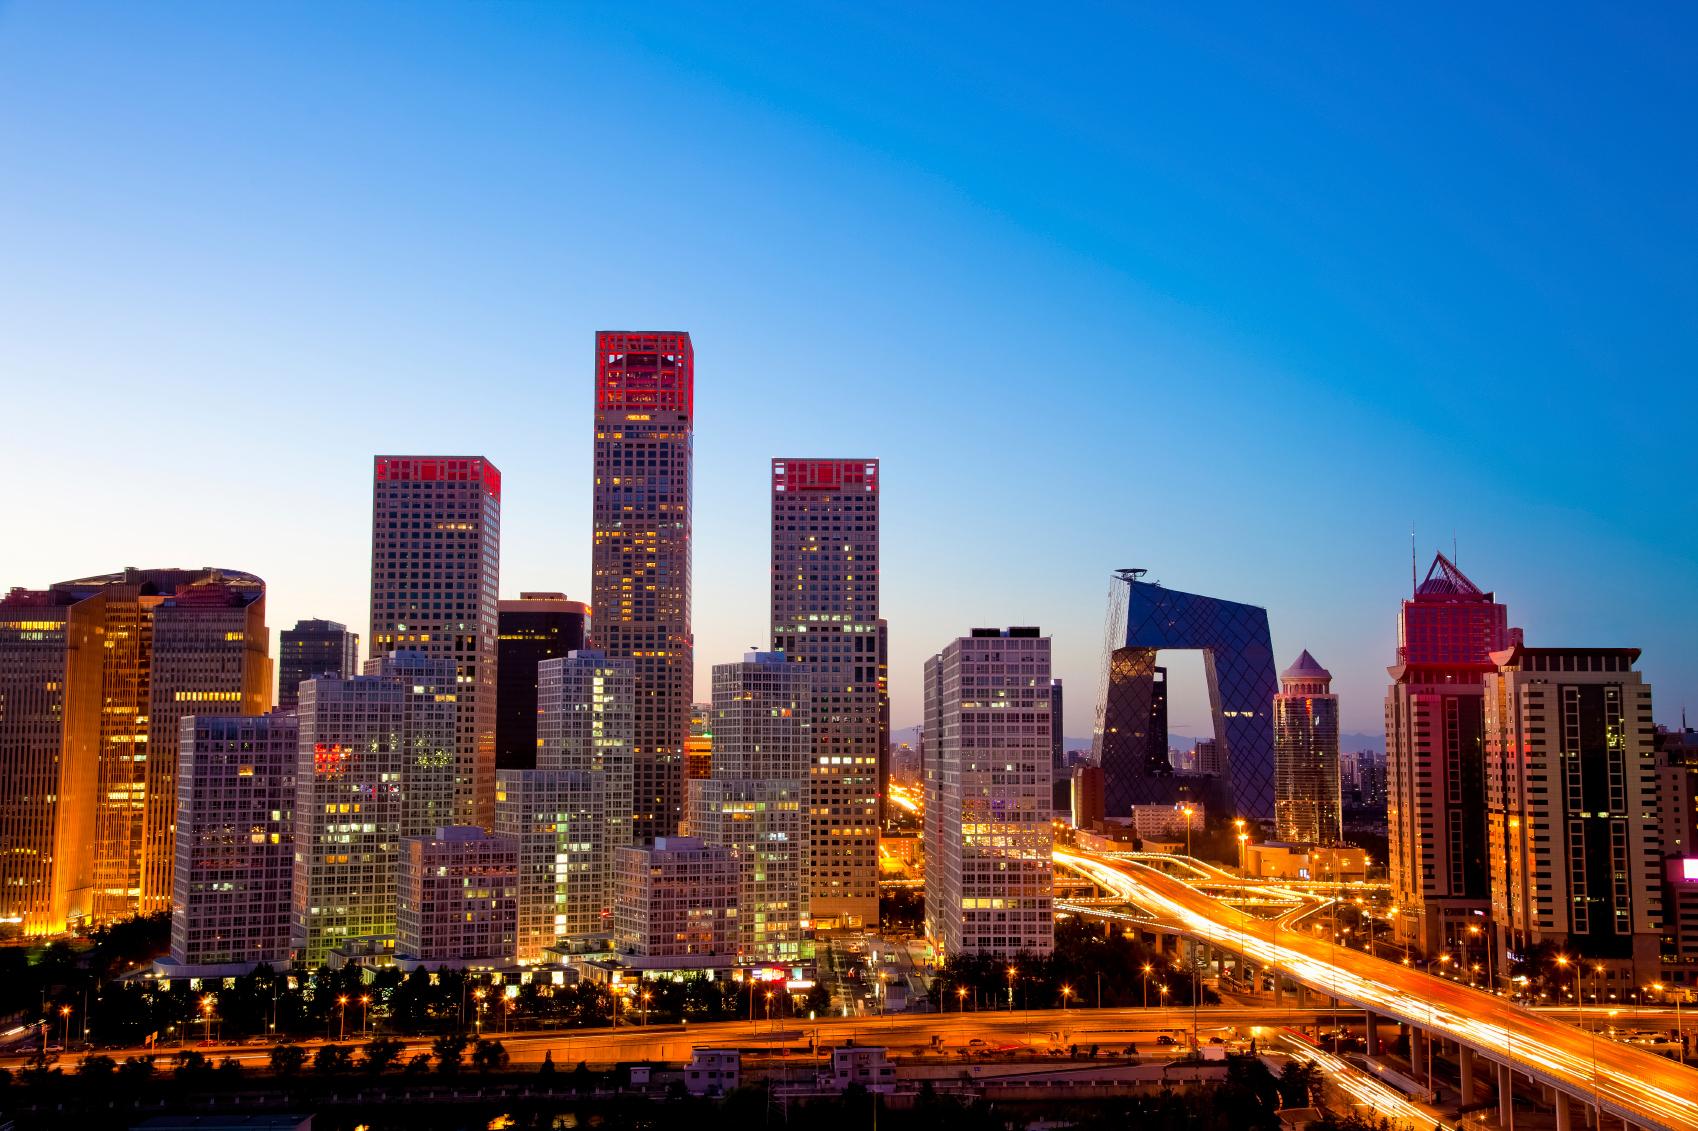 Le 10 citt cinesi dove vivono i milionari smartweek - Cimici dove vivono ...